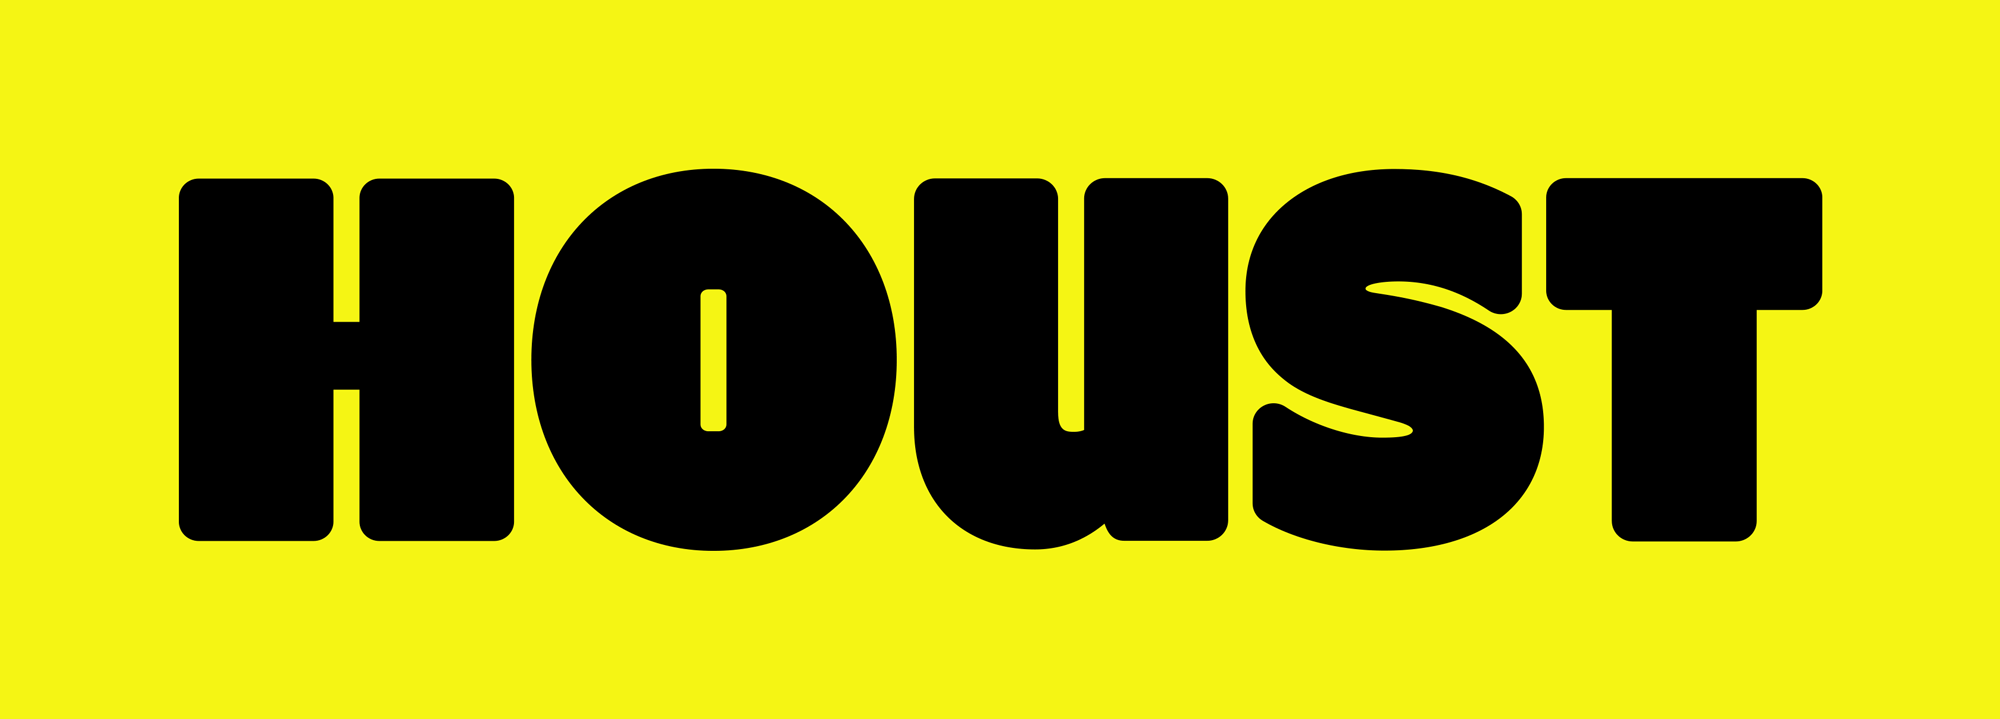 houst_logo